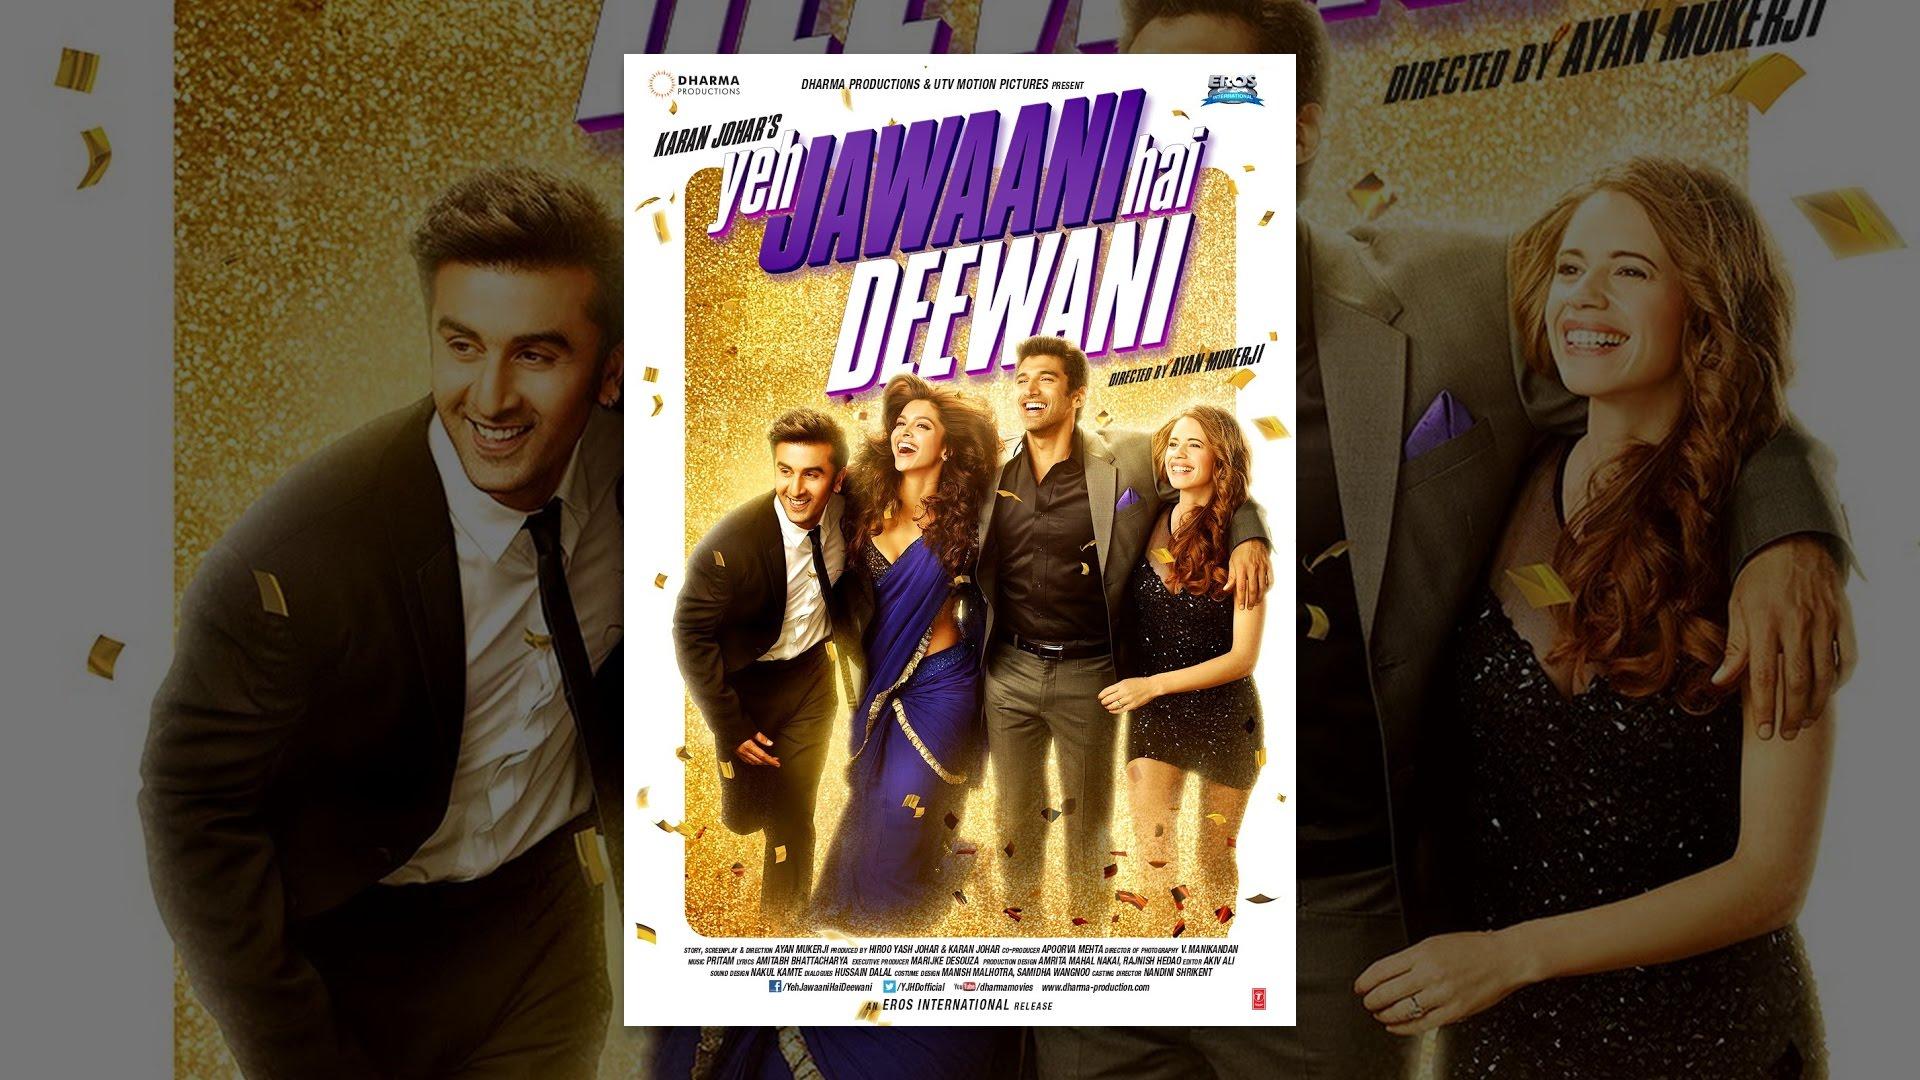 Download Yeh Jawaani Hai Deewani